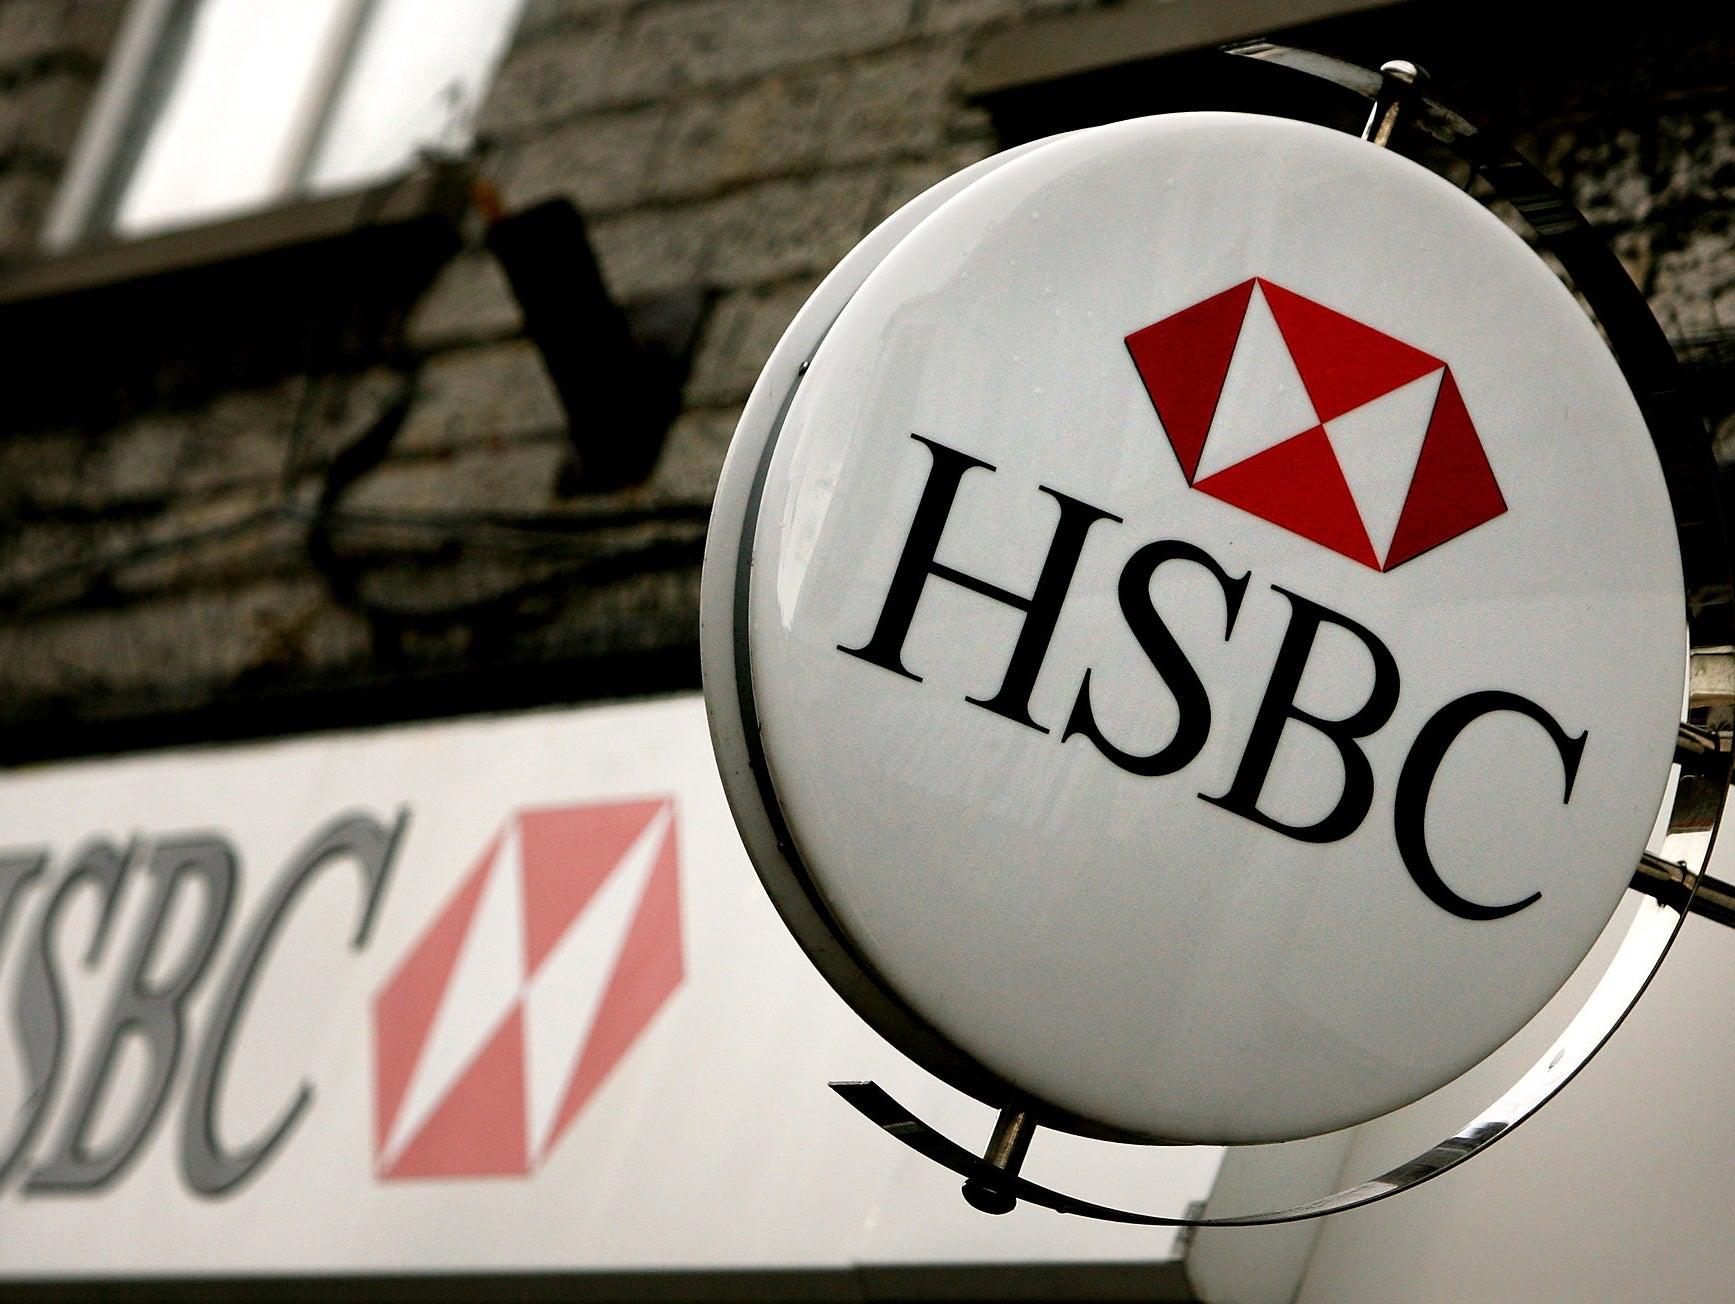 HSBC restarts plan to axe 35,000 jobs after coronavirus put redundancies on hold